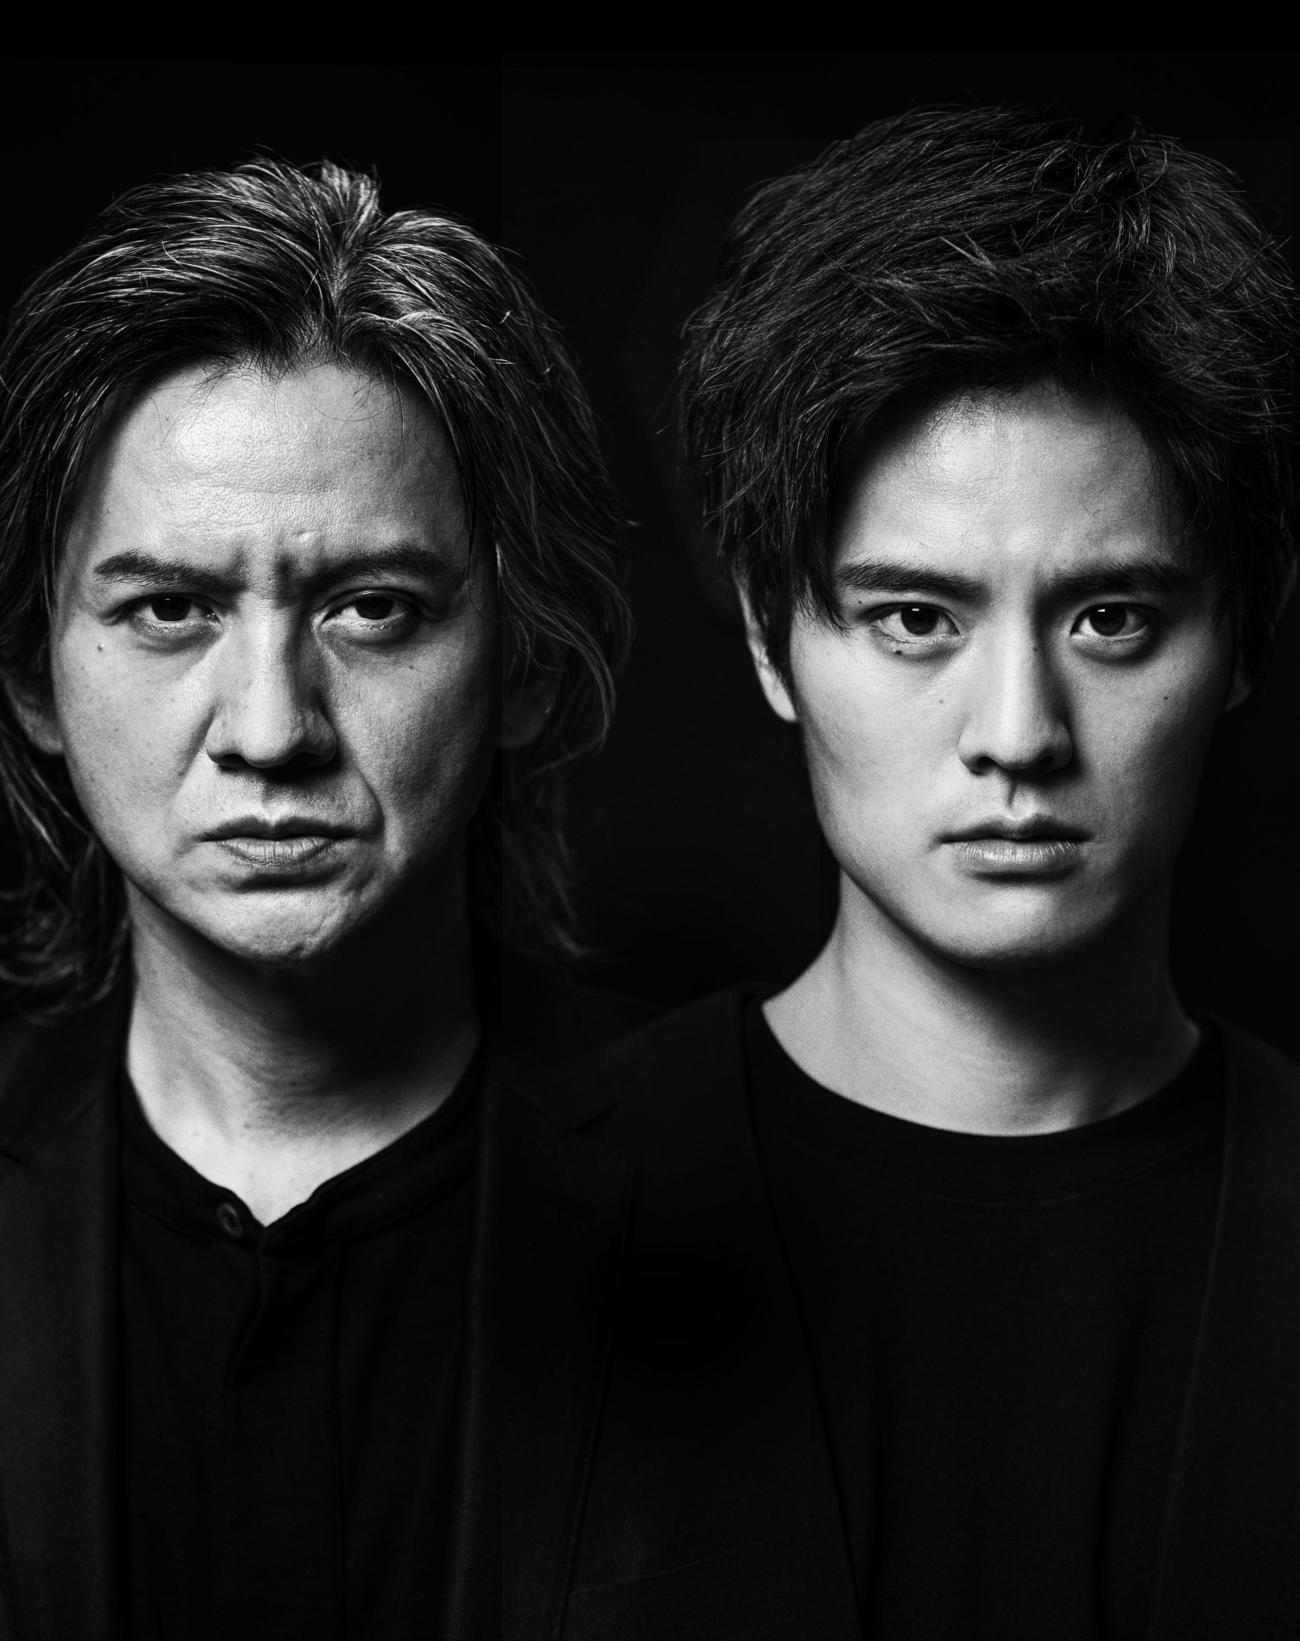 舞台「Le Fils 息子」で初共演する岡本健一(左)と岡本圭人の親子